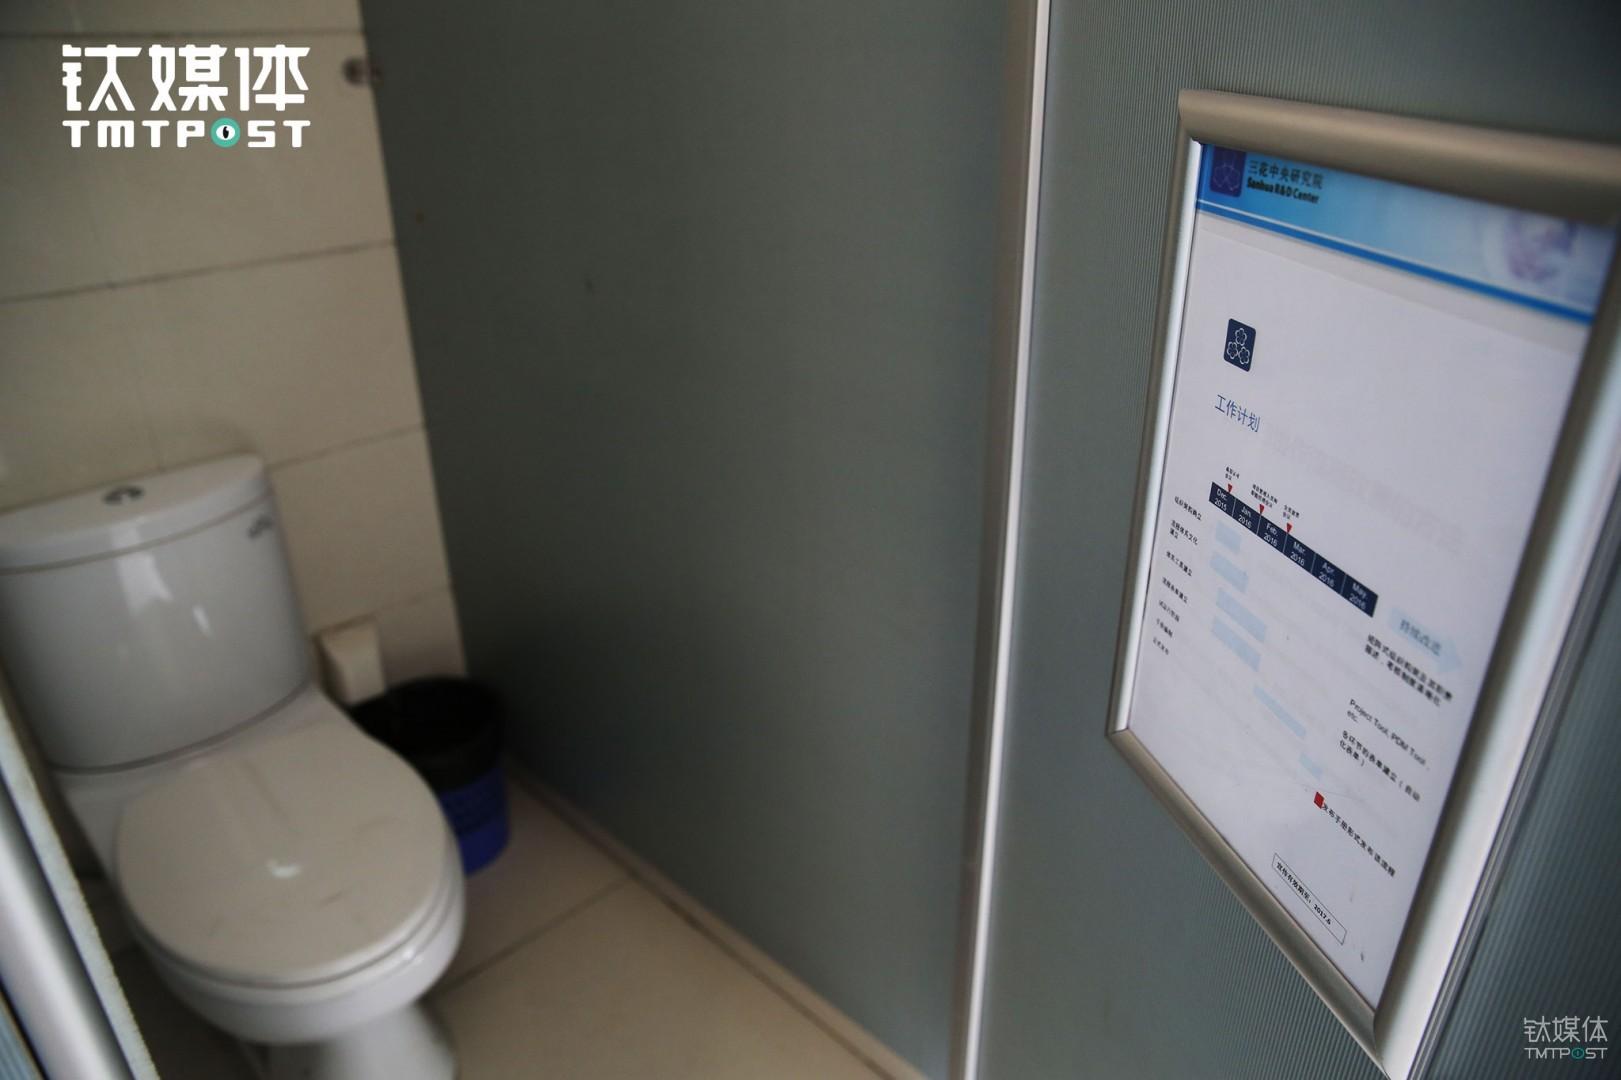 如今技术研发流程图张贴在研究院大楼的各个角落,厕所也没能落下